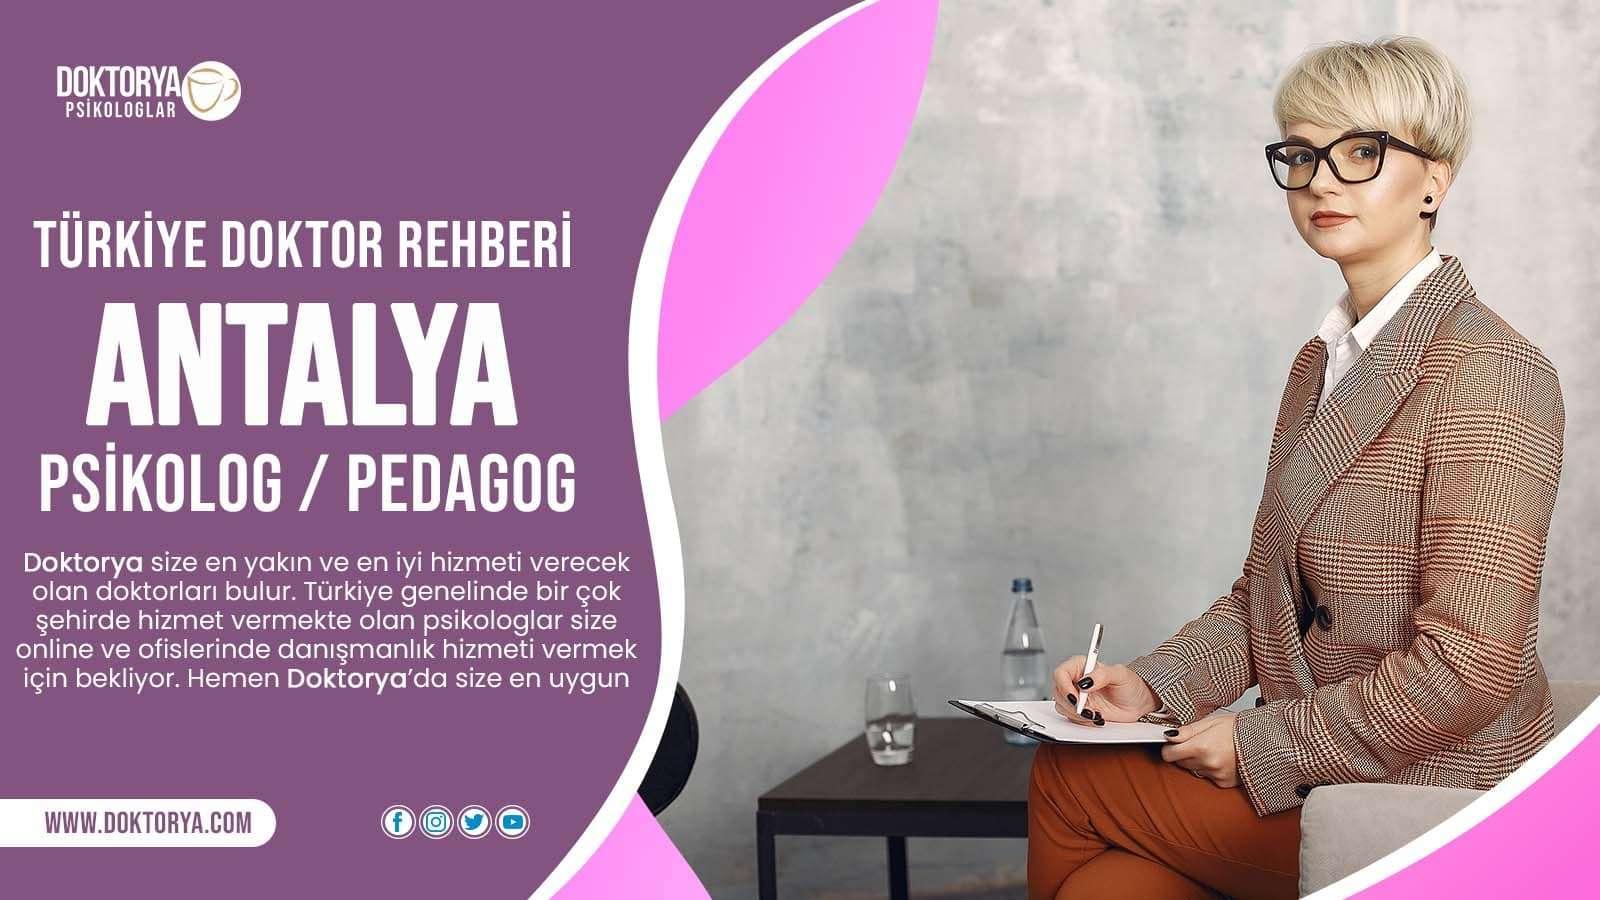 Antalya Psikolog